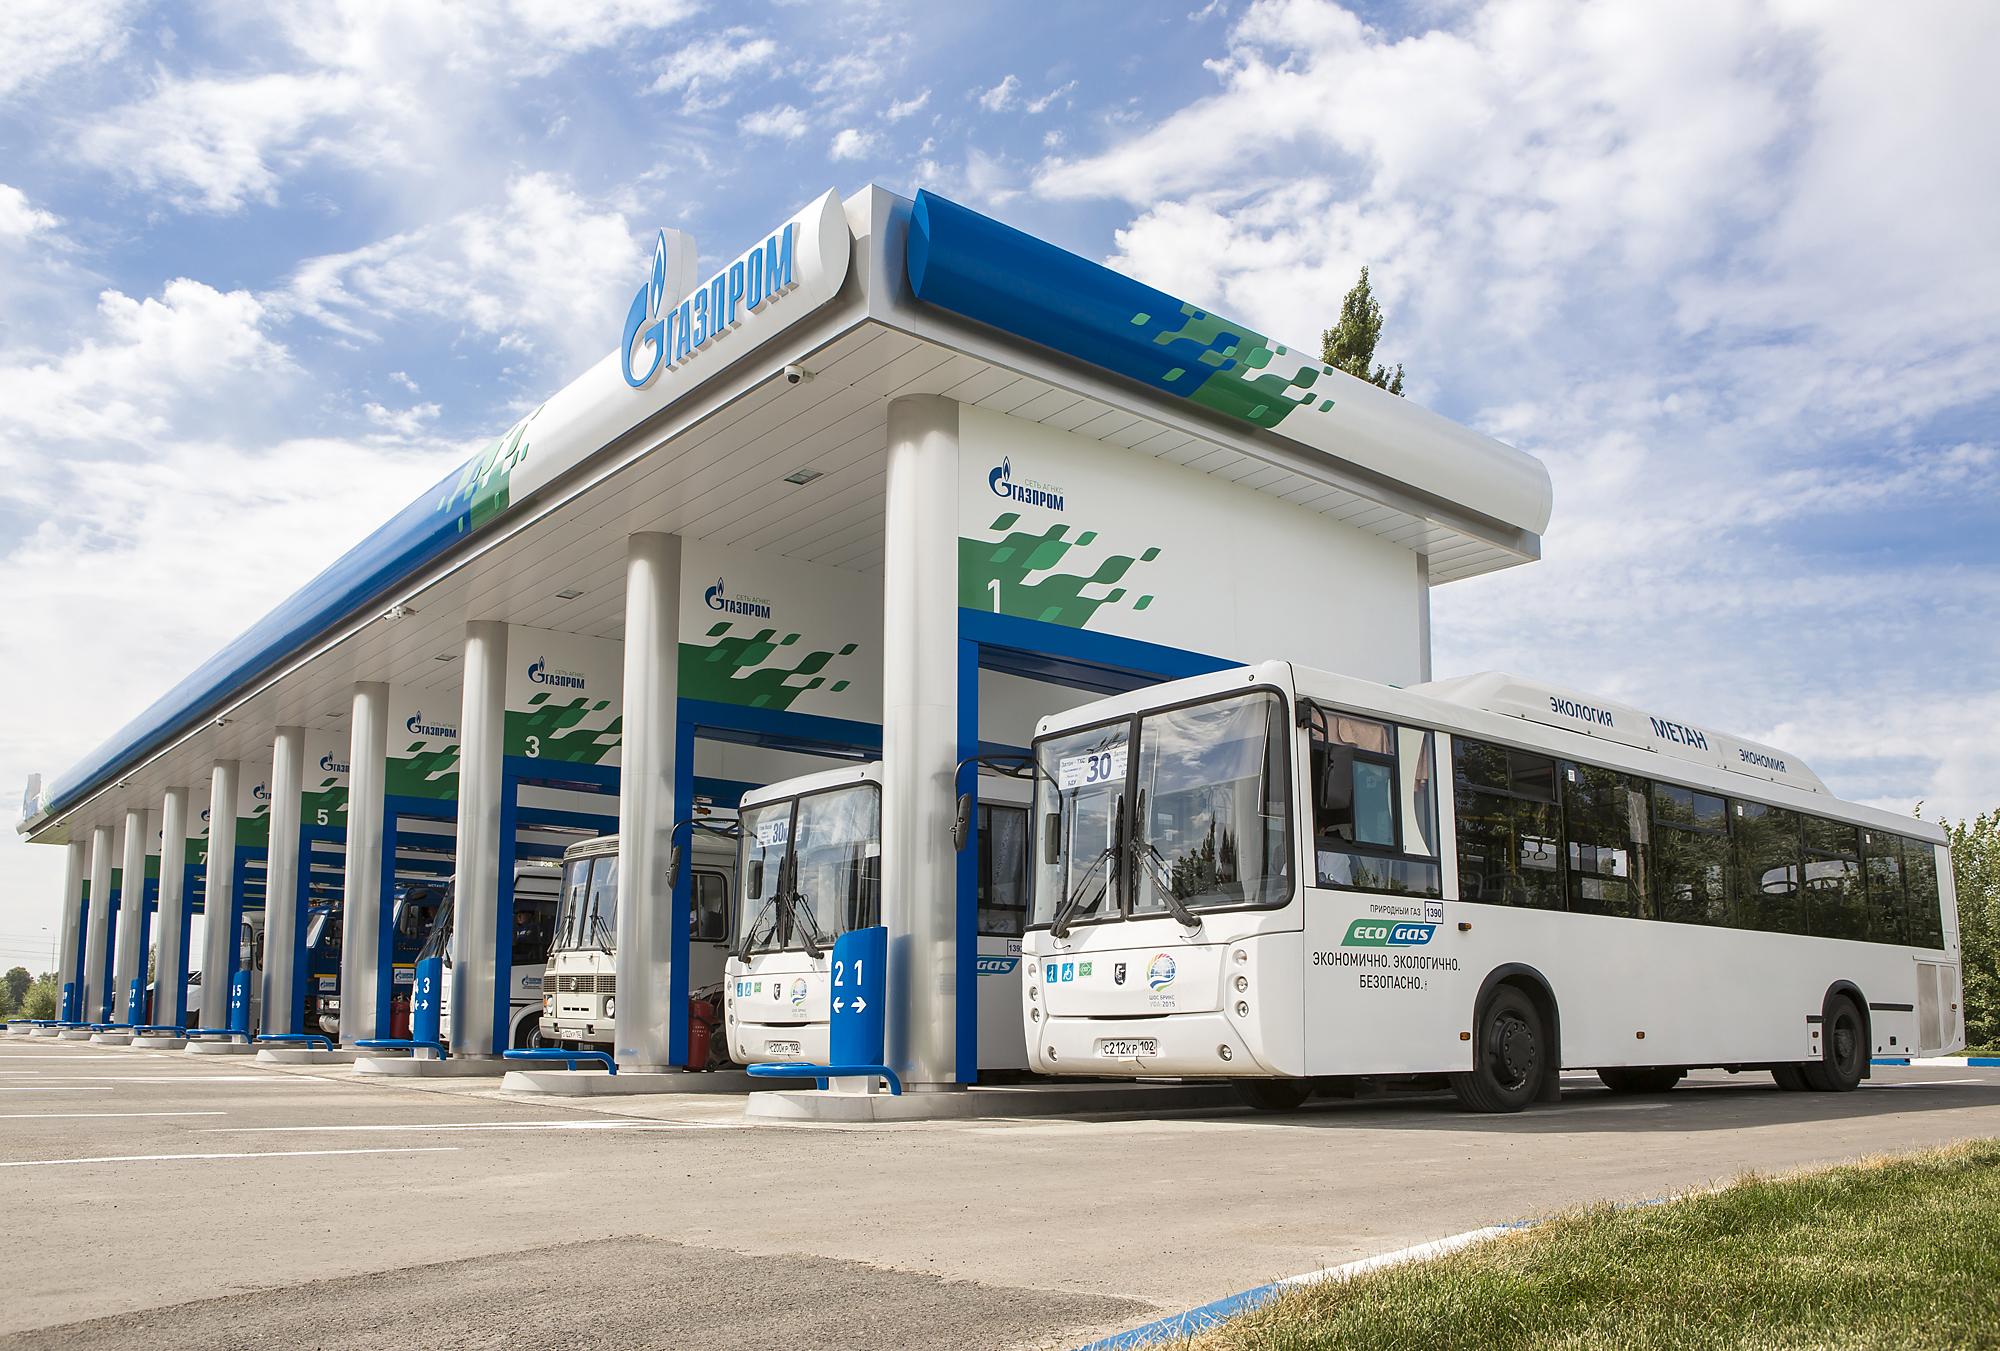 До конца 2018 г в Самарской области планируется ввести в эксплуатацию 5 современных газозаправочных станций